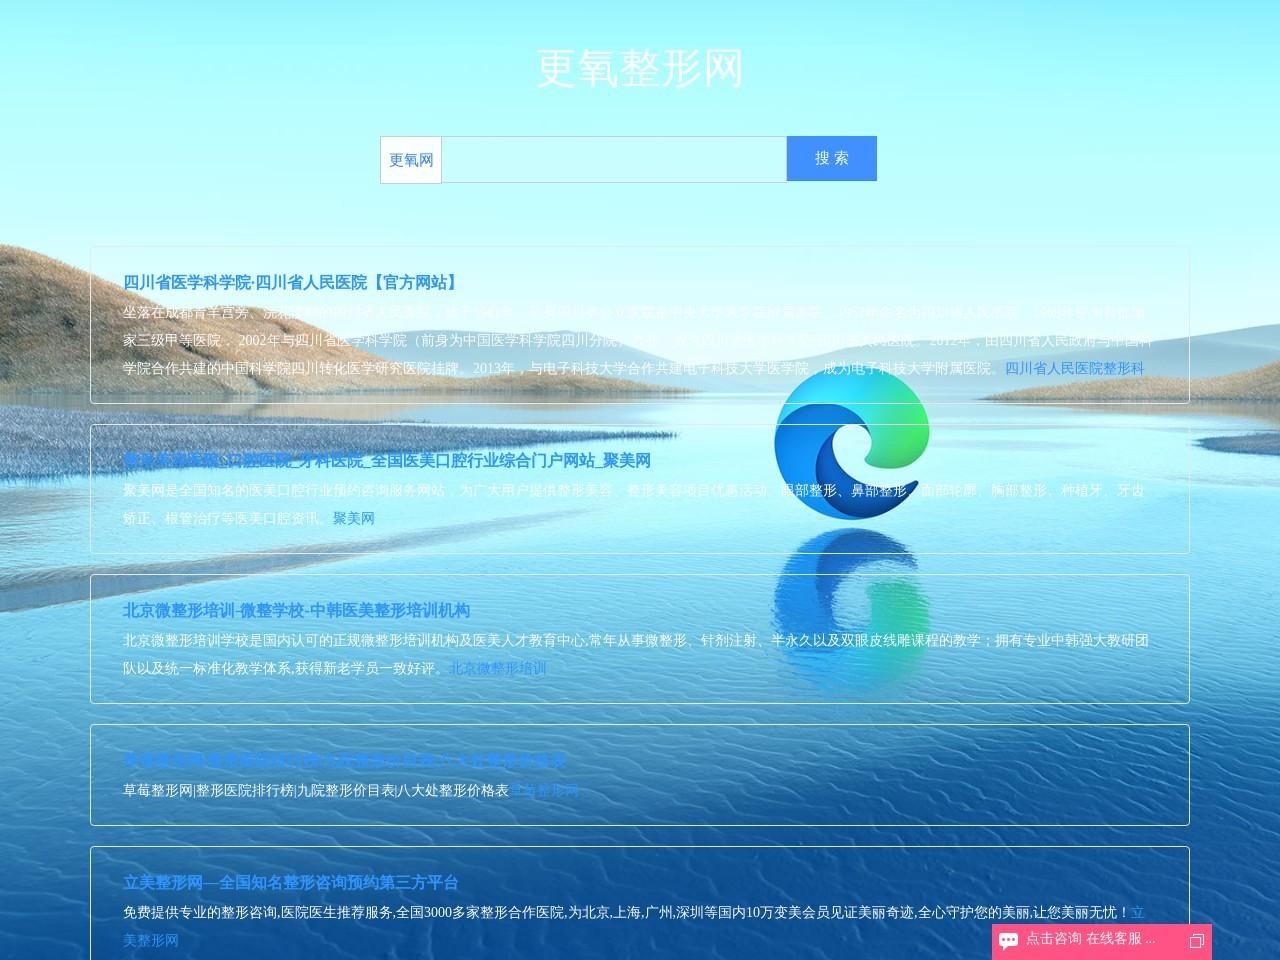 绿色网站目录_绿色网站分类目录